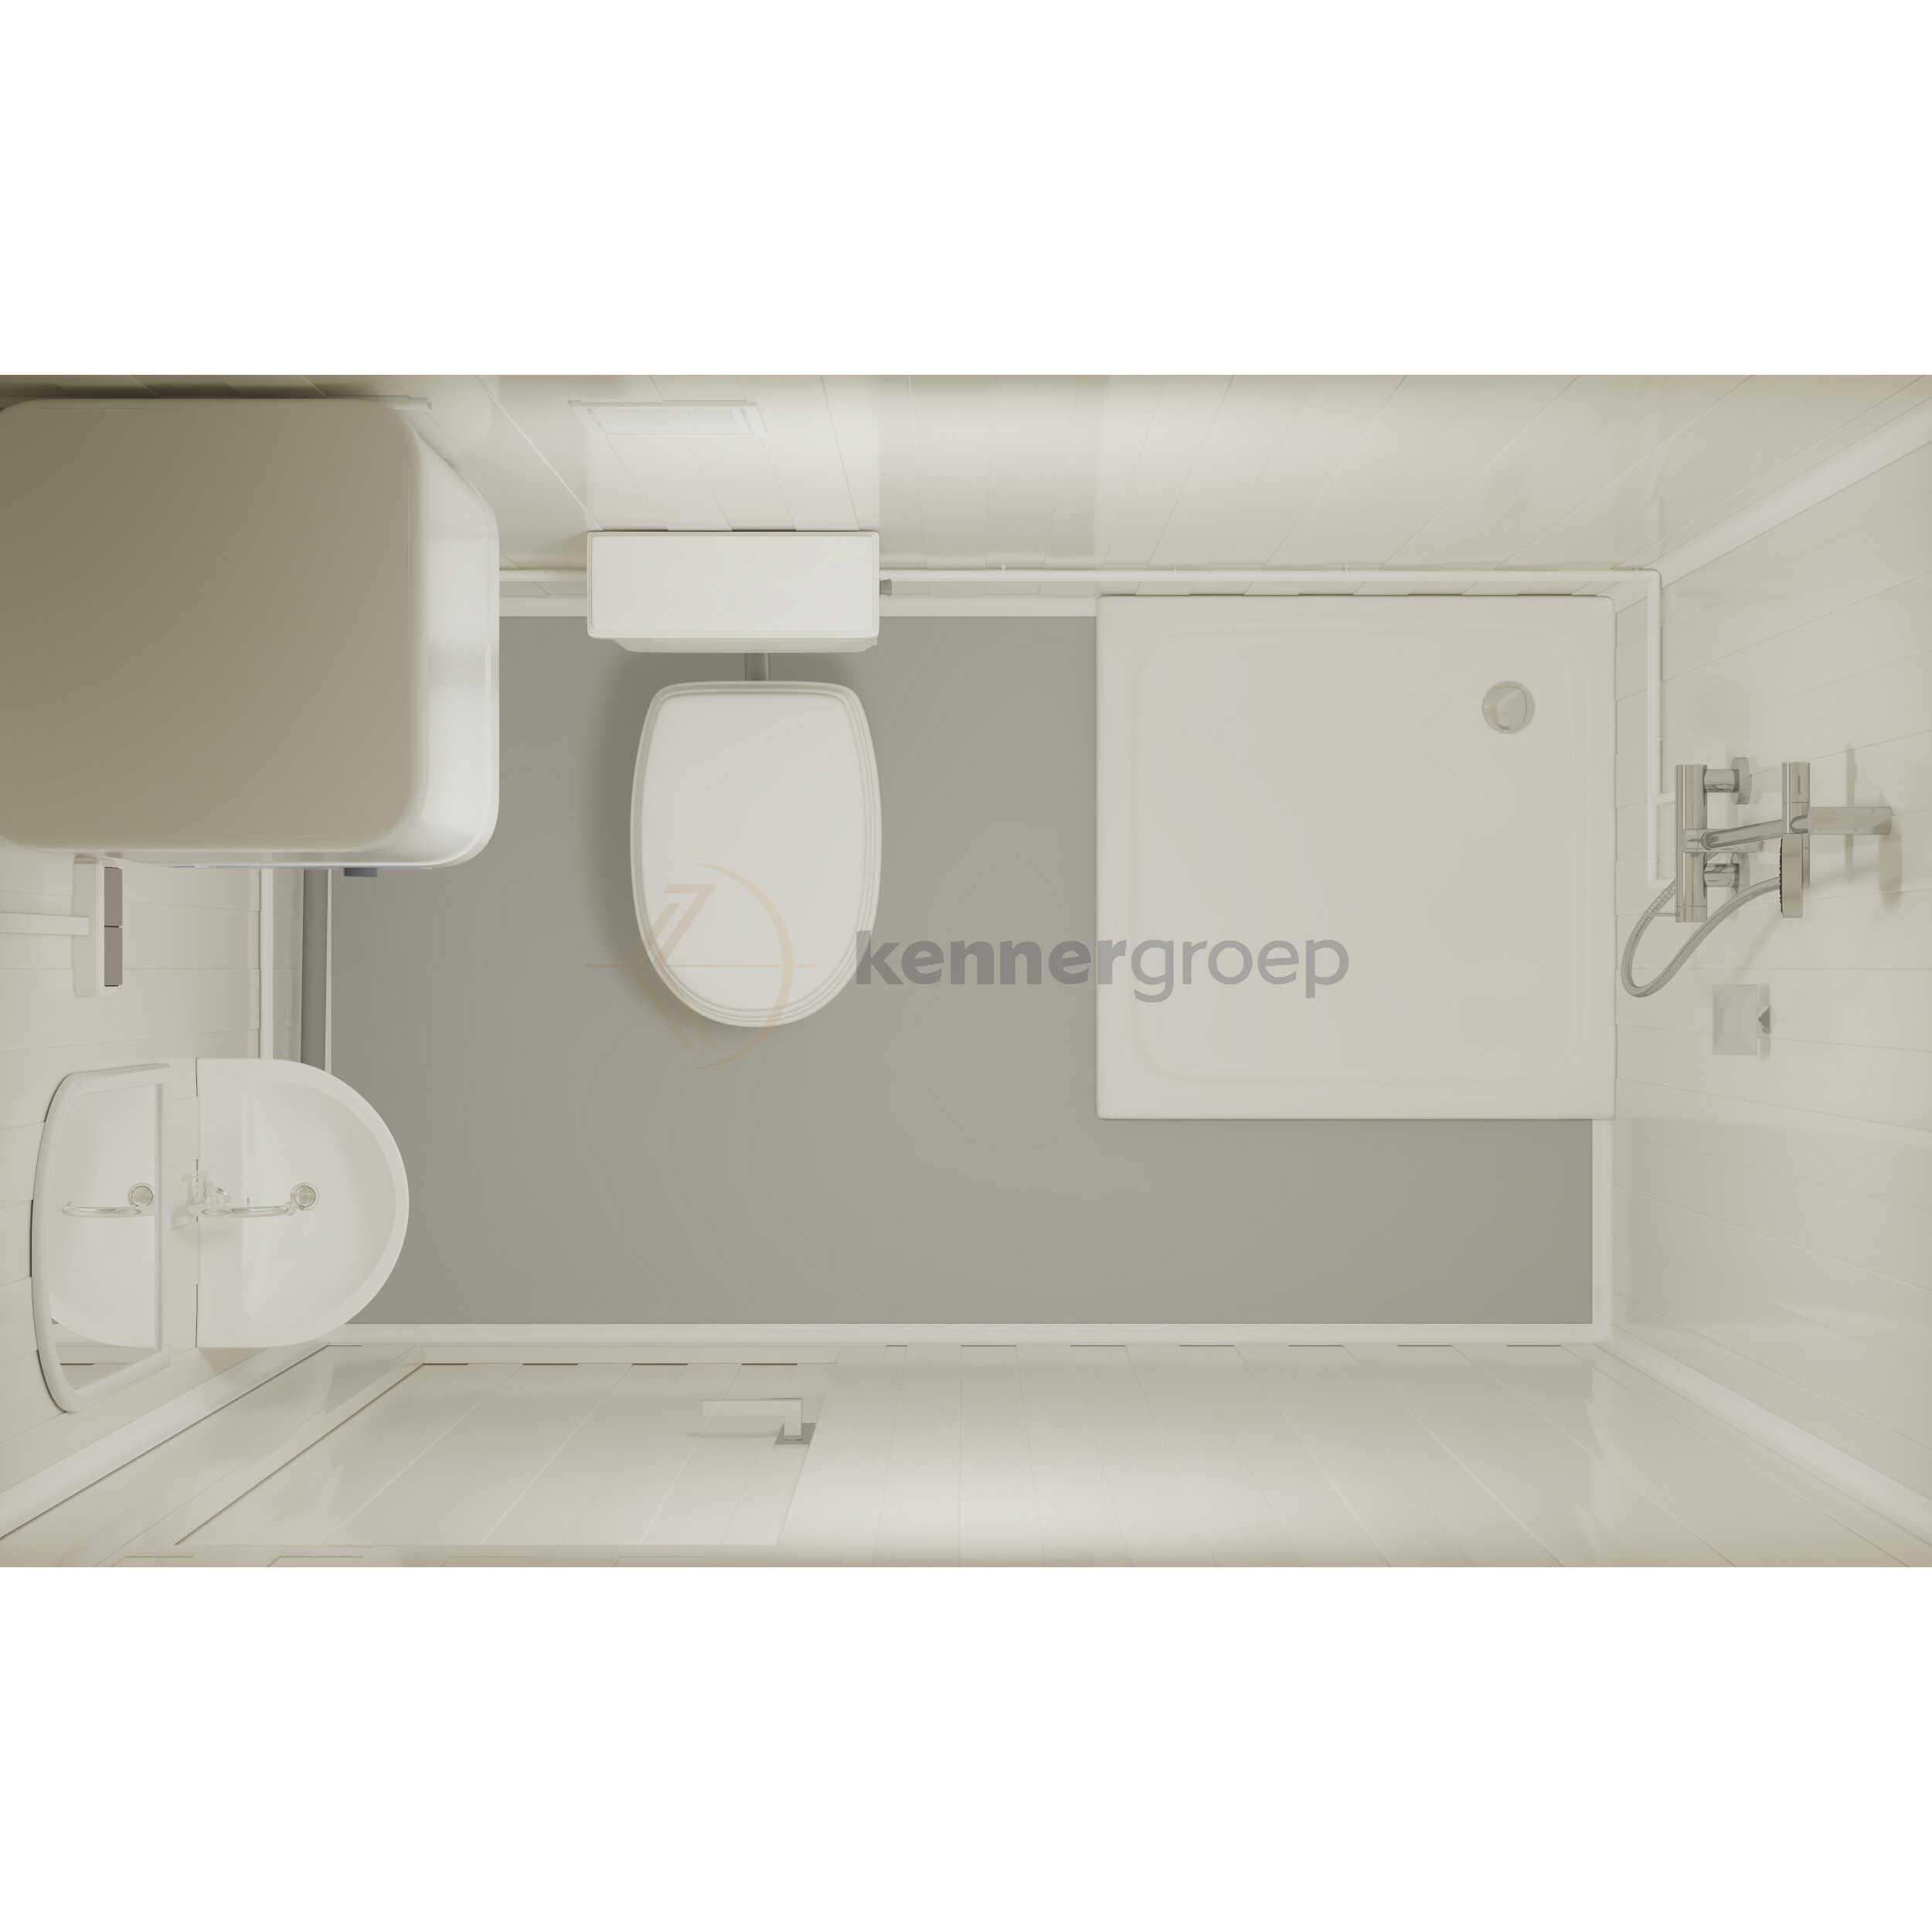 Metalen Combi, Toilet + Wastafel + Douche KC-COMBI1 €2500,-